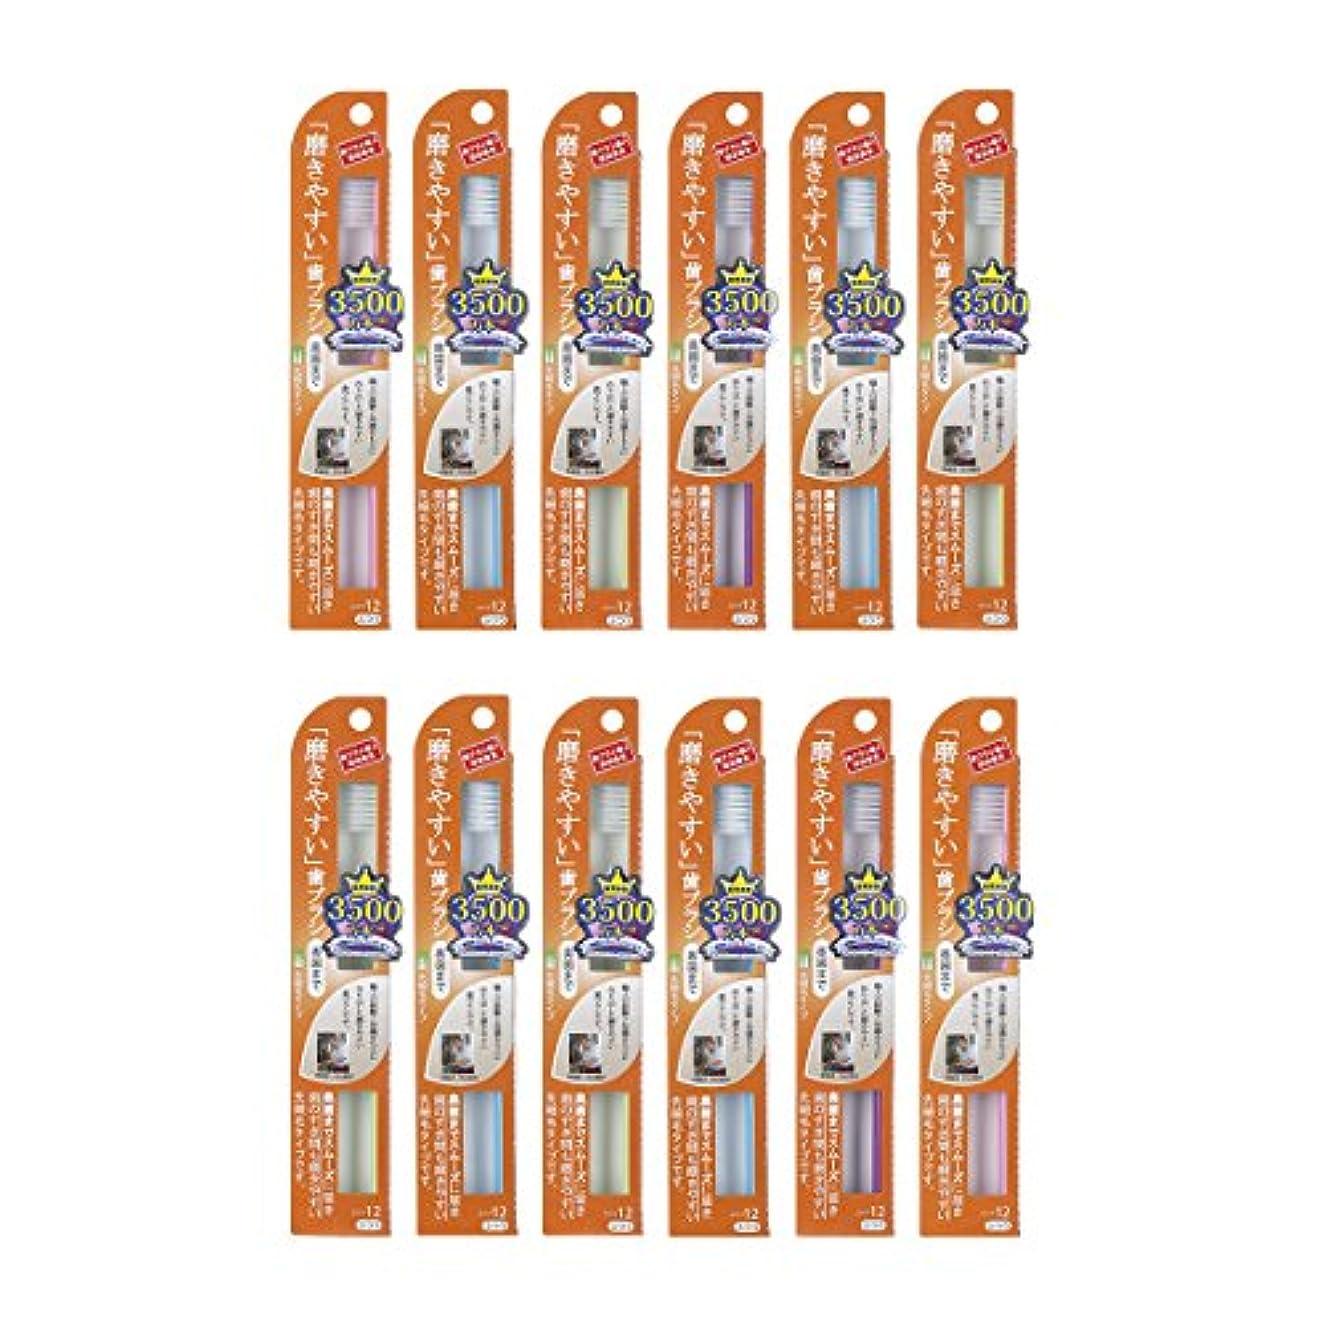 かなりの真実パイロット歯ブラシ職人Artooth ®田辺重吉 日本製 磨きやすい歯ブラシ(奥歯まで)先細毛タイプ LT-12 (12本パック)